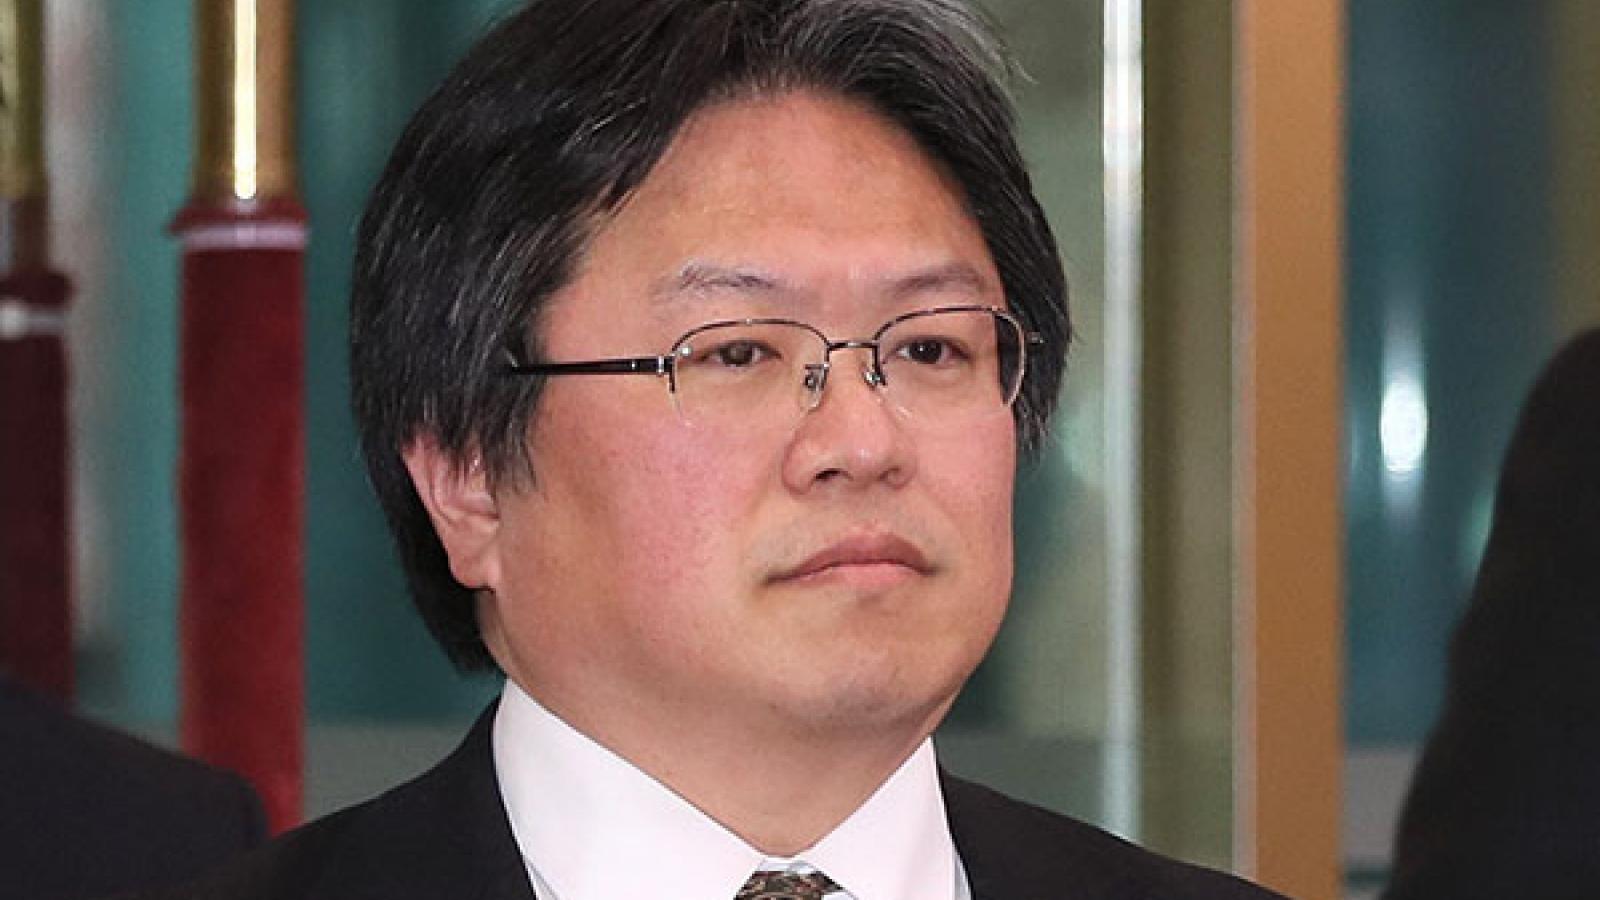 Nhật Bản yêu cầu Công sứ tại Hàn Quốc về nước